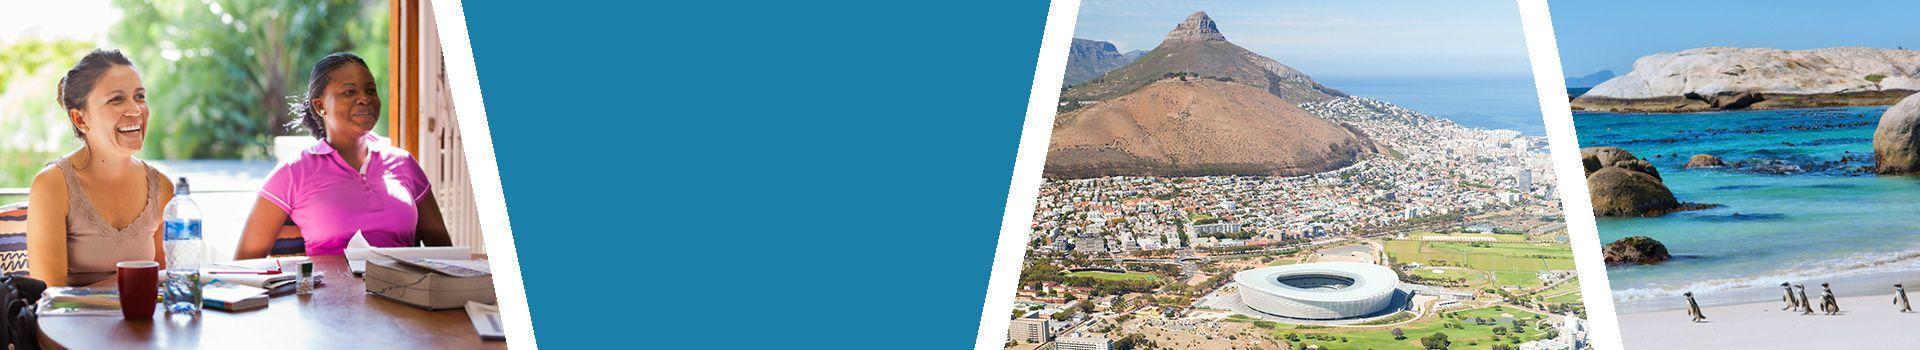 Sprachreise nach Kapstadt für Erwachsene in Südafrika Slider